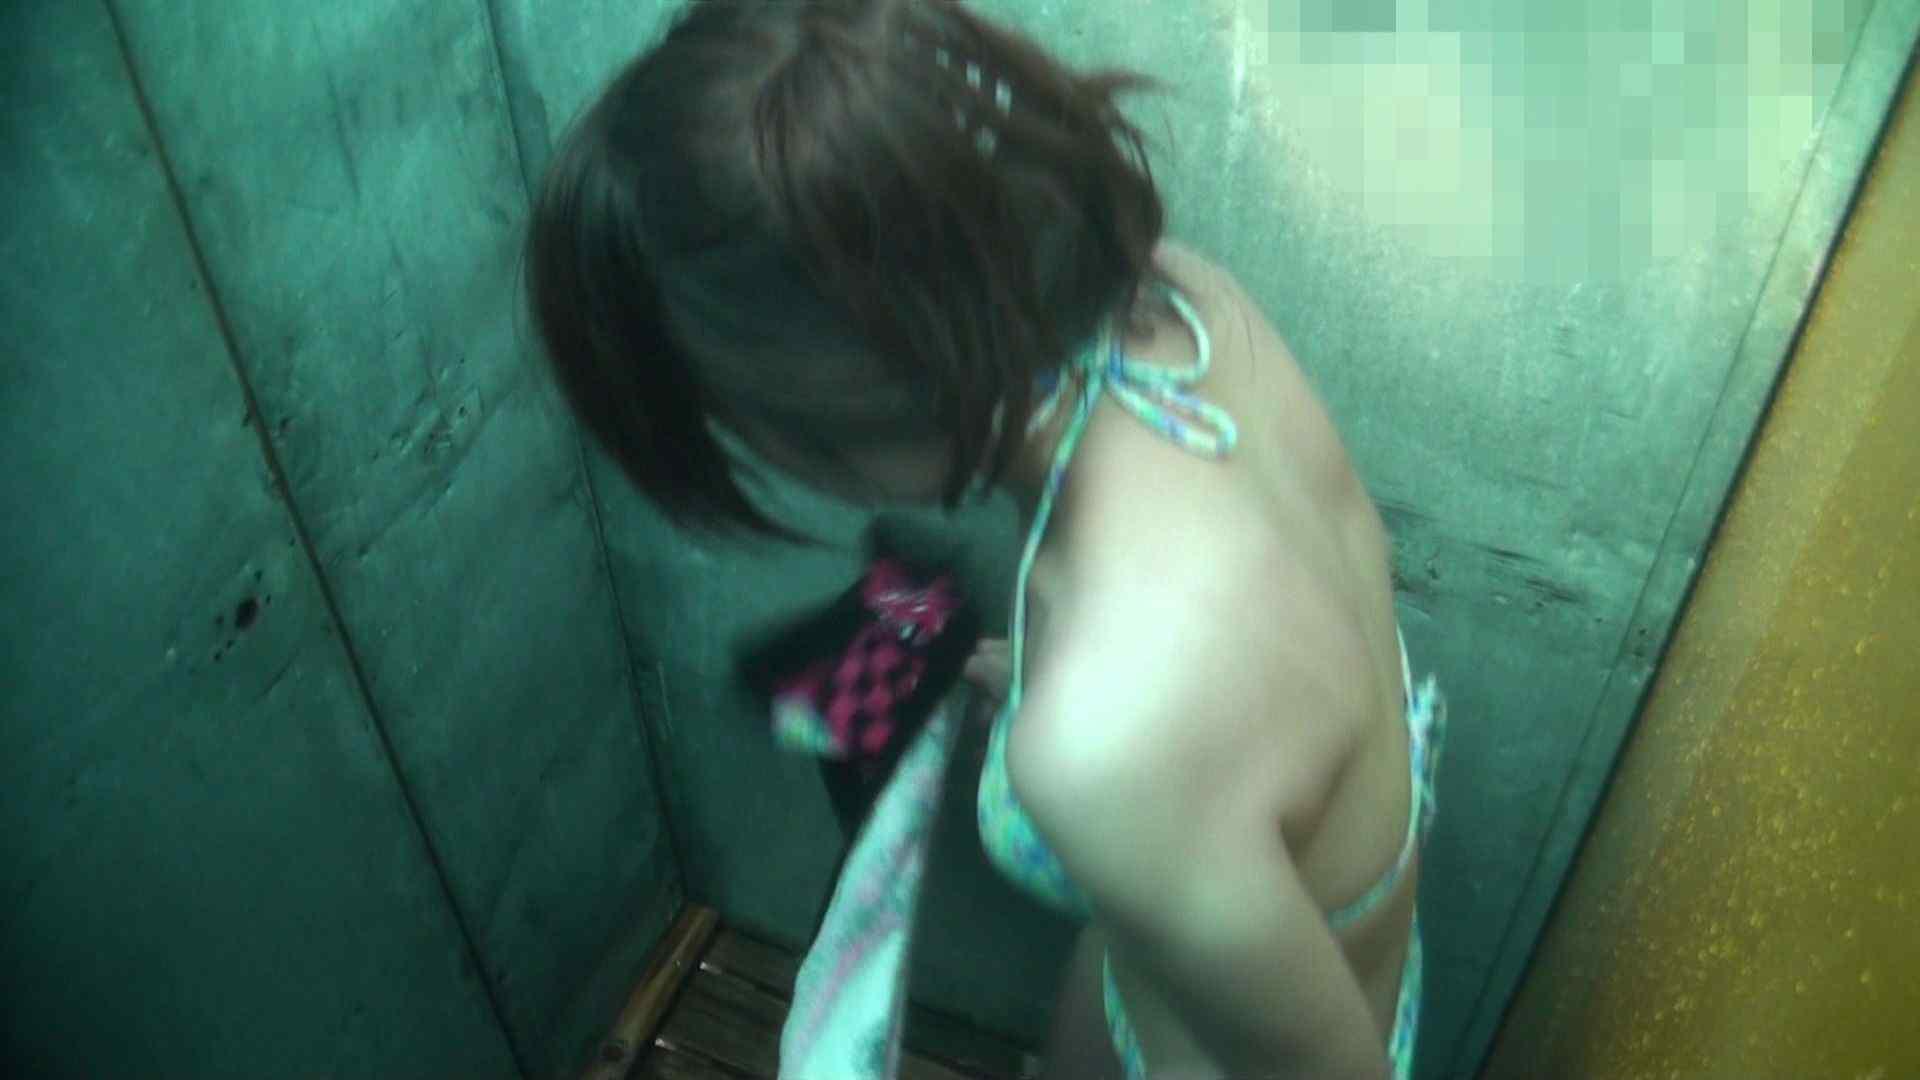 シャワールームは超!!危険な香りVol.15 残念ですが乳首未確認 マンコの砂は入念に 高画質 盗撮ワレメ無修正動画無料 41pic 9